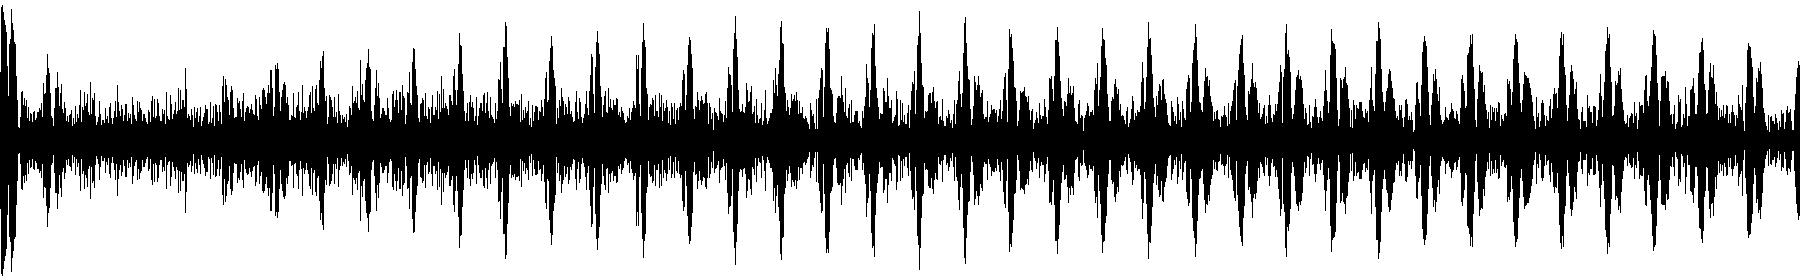 veh2 synths   097 c